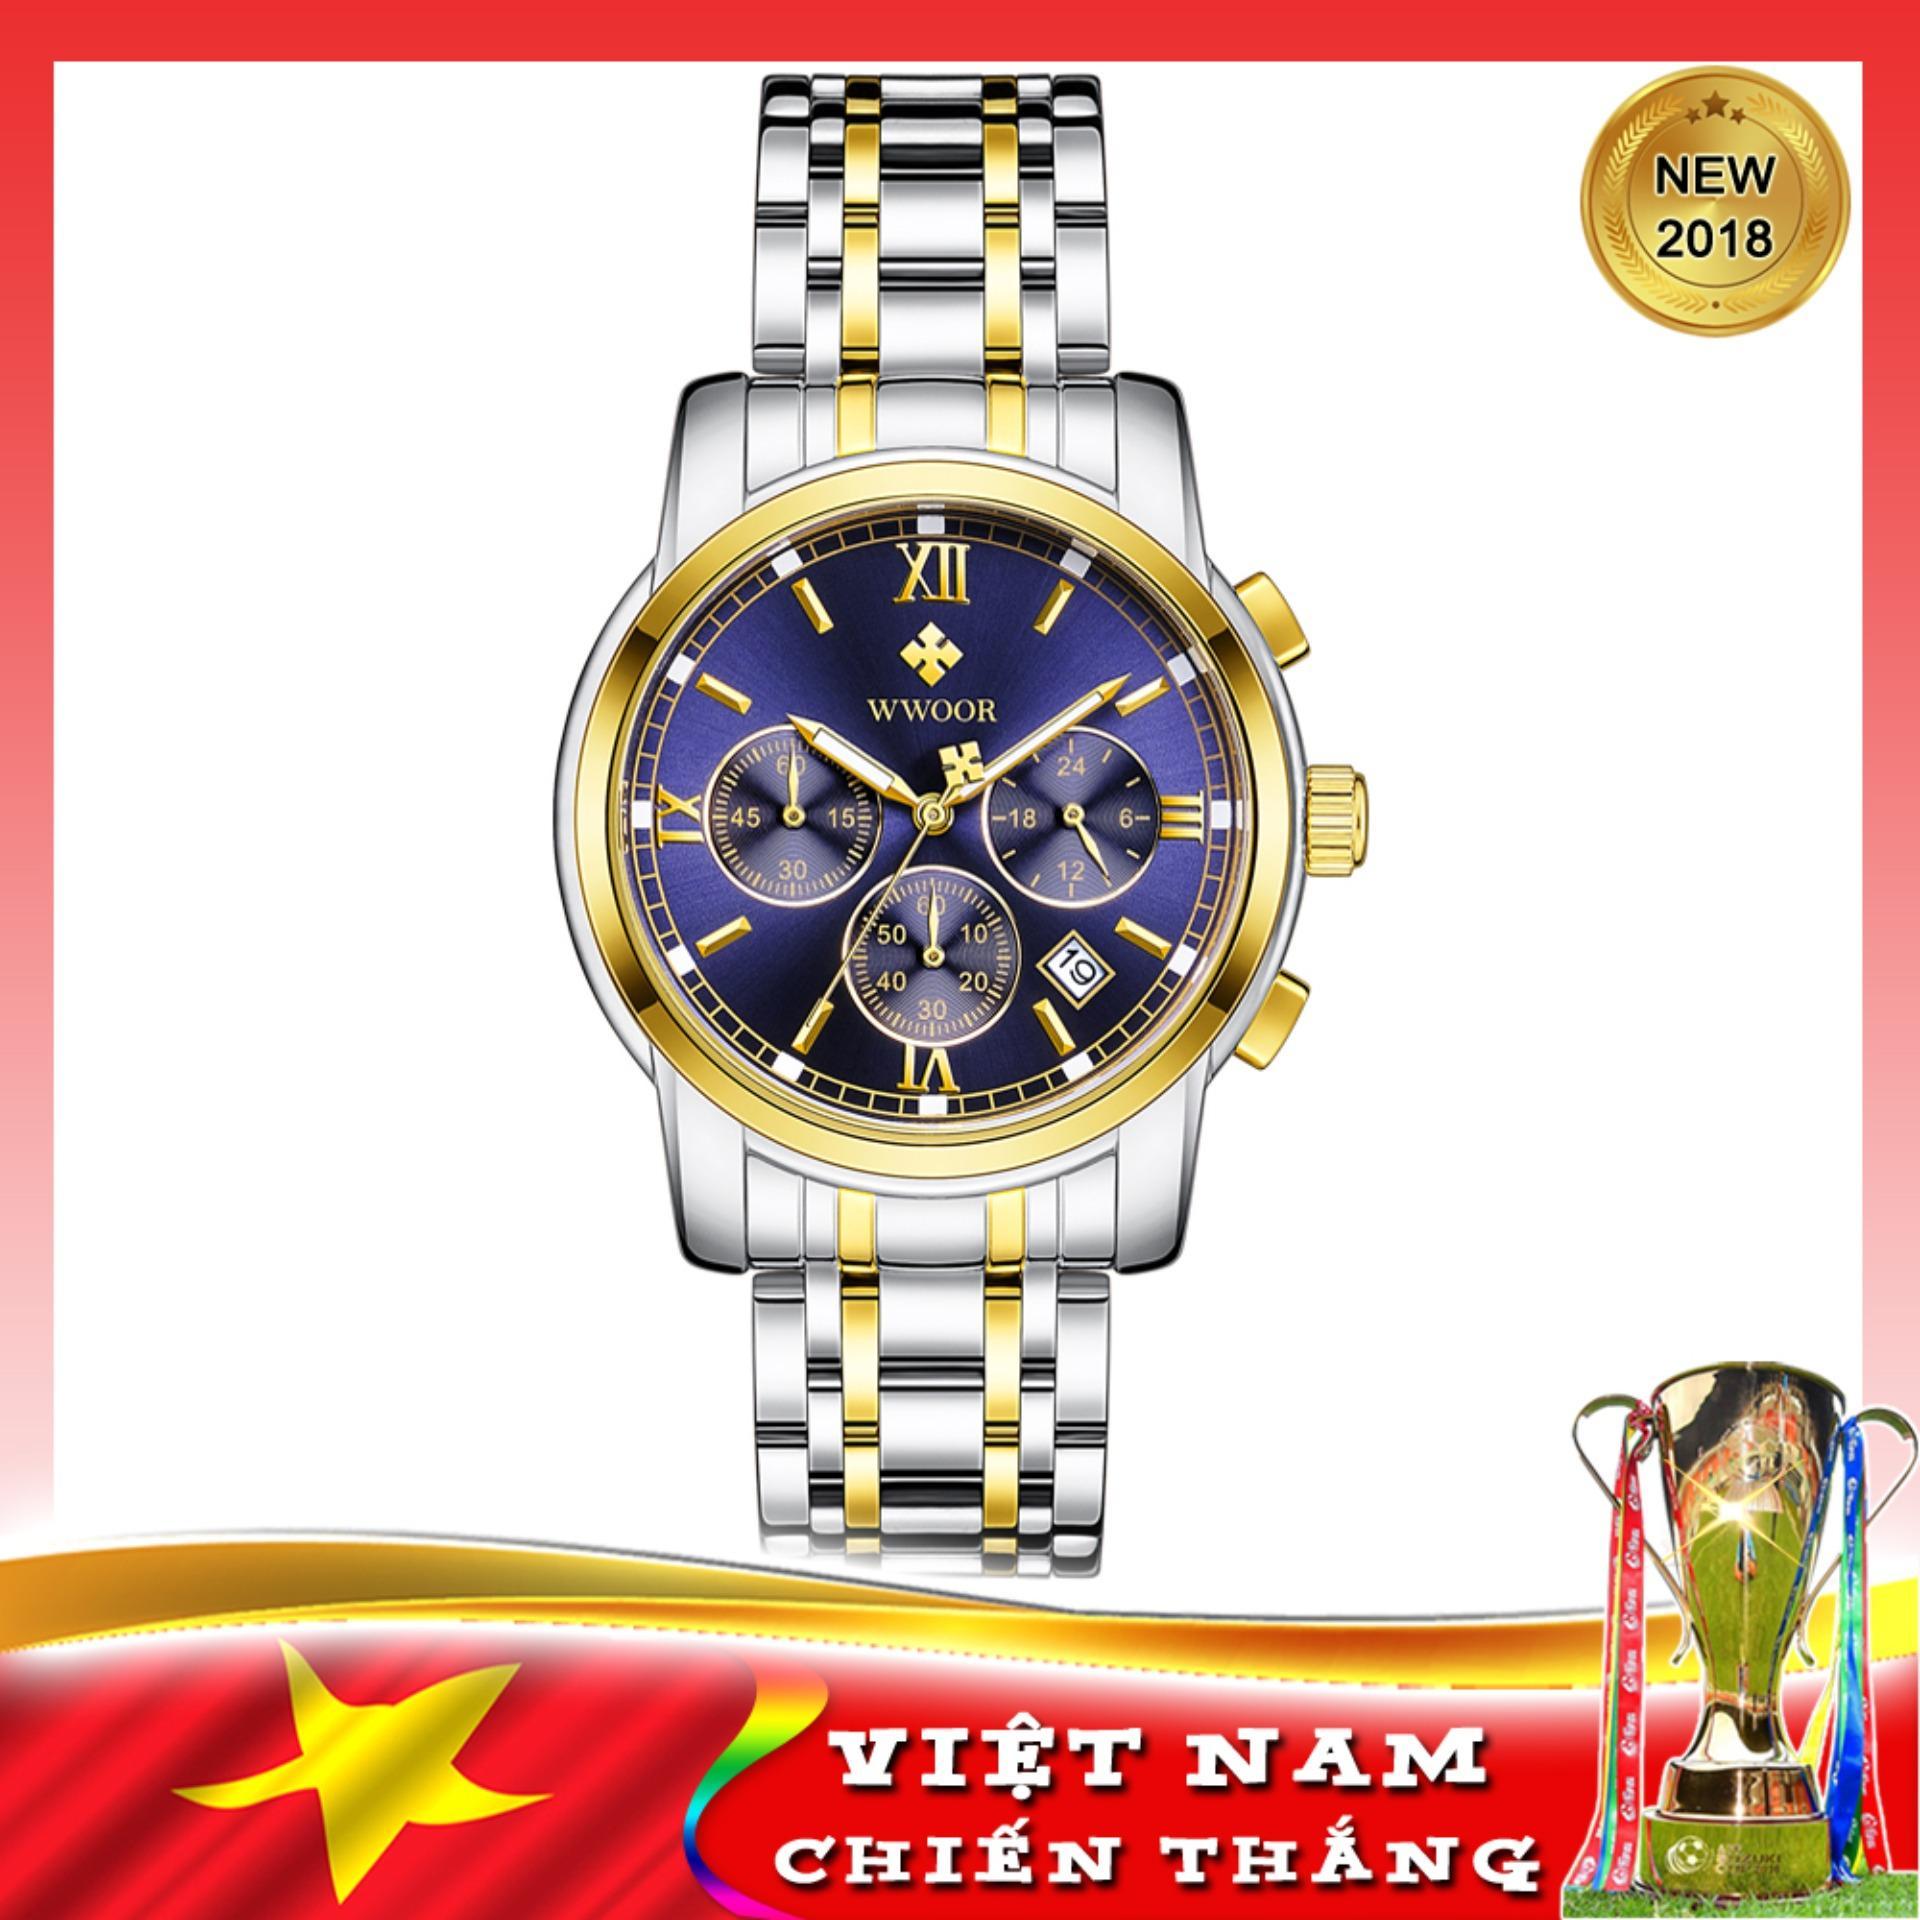 Nơi bán Đồng hồ nam mẫu mới 2018 sang trọng và đẳng cấp WWOOR 8864, tặng kèm Pin SONY 626 JAPAN